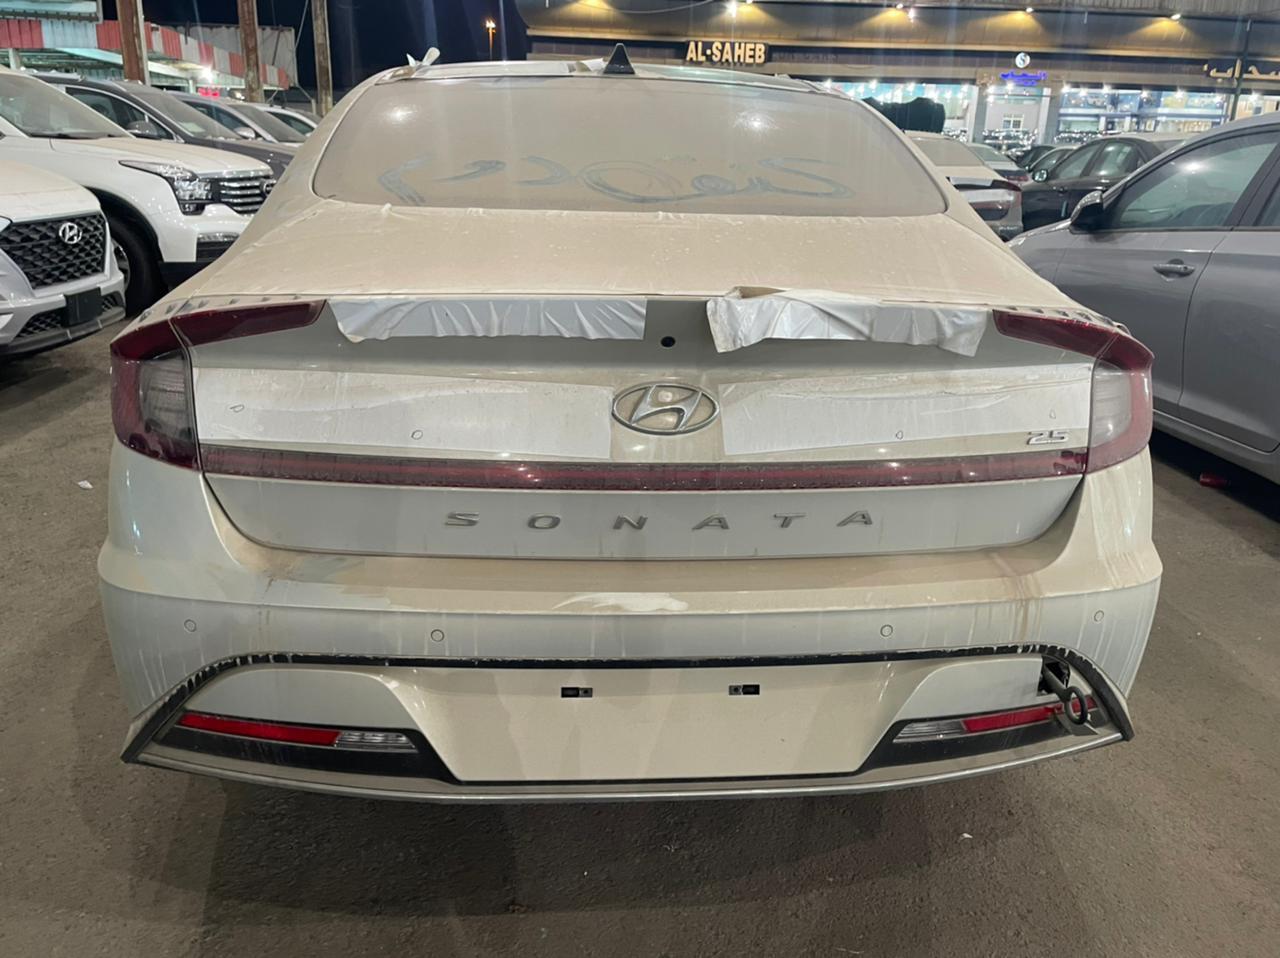 مباع - هونداي سوناتا Smart Plus نص فل 2021  سعودي جديد للبيع في جدة - السعودية - صورة كبيرة - 5